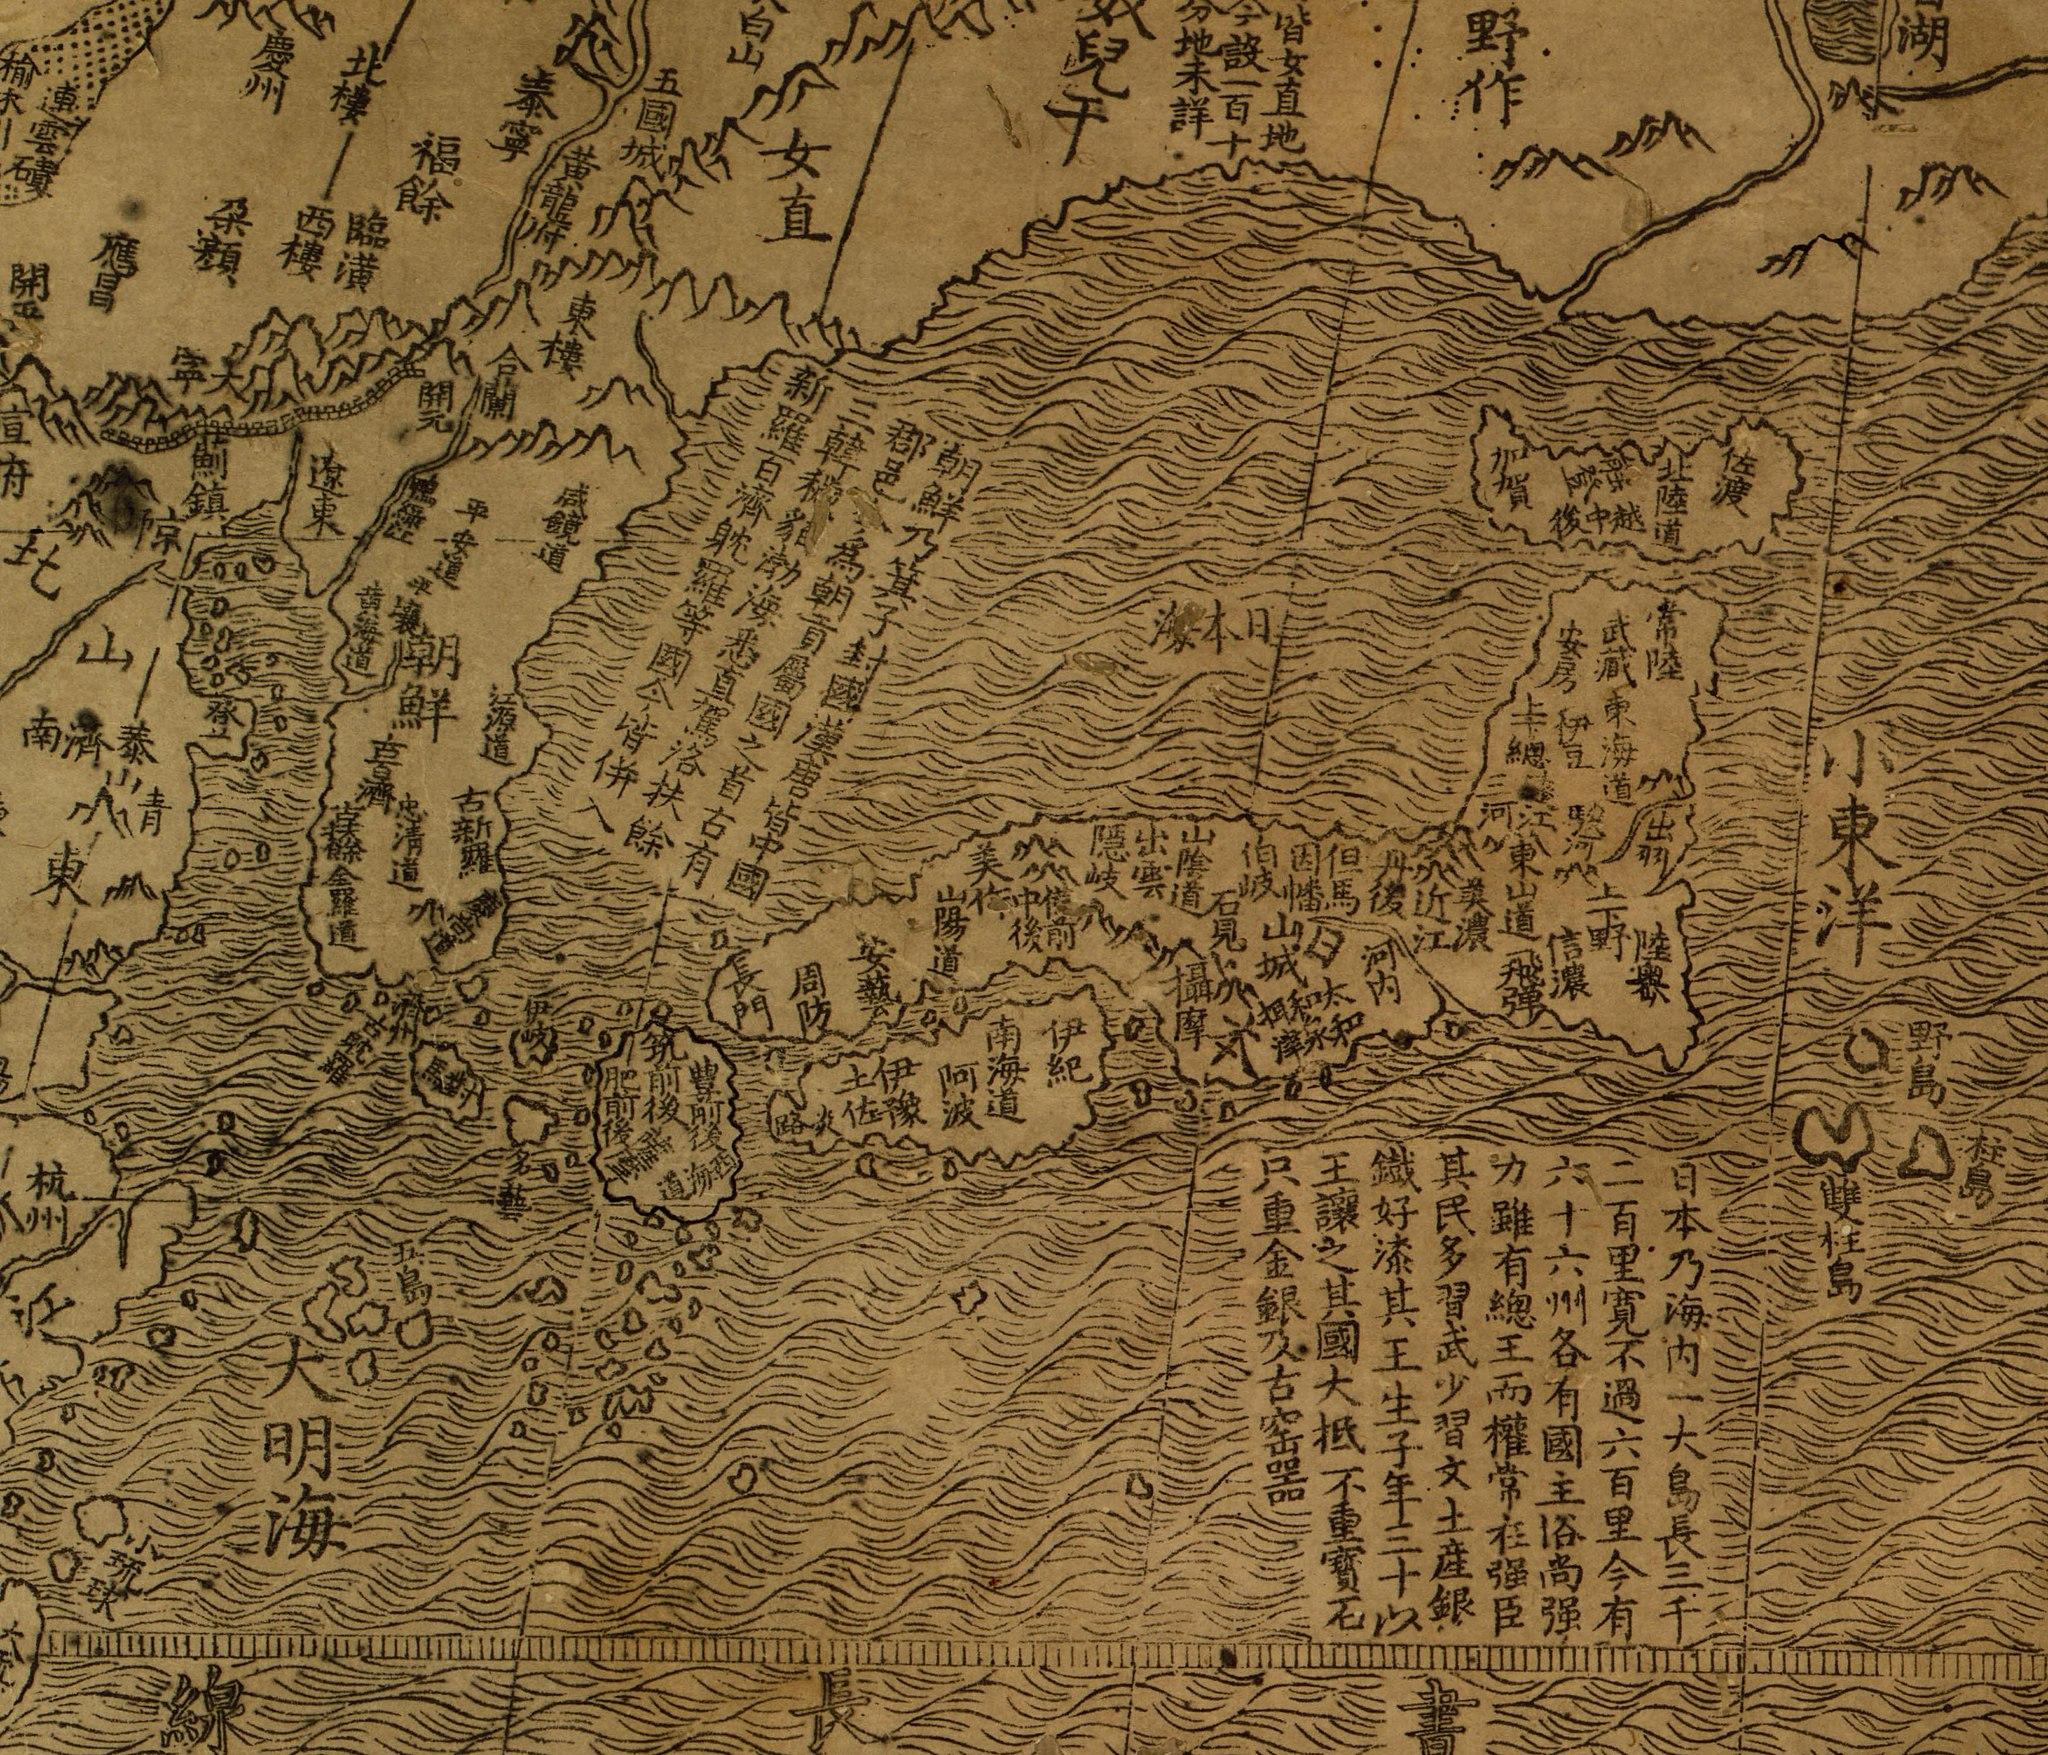 Kunyu Wanguo Quantu by Matteo Ricci